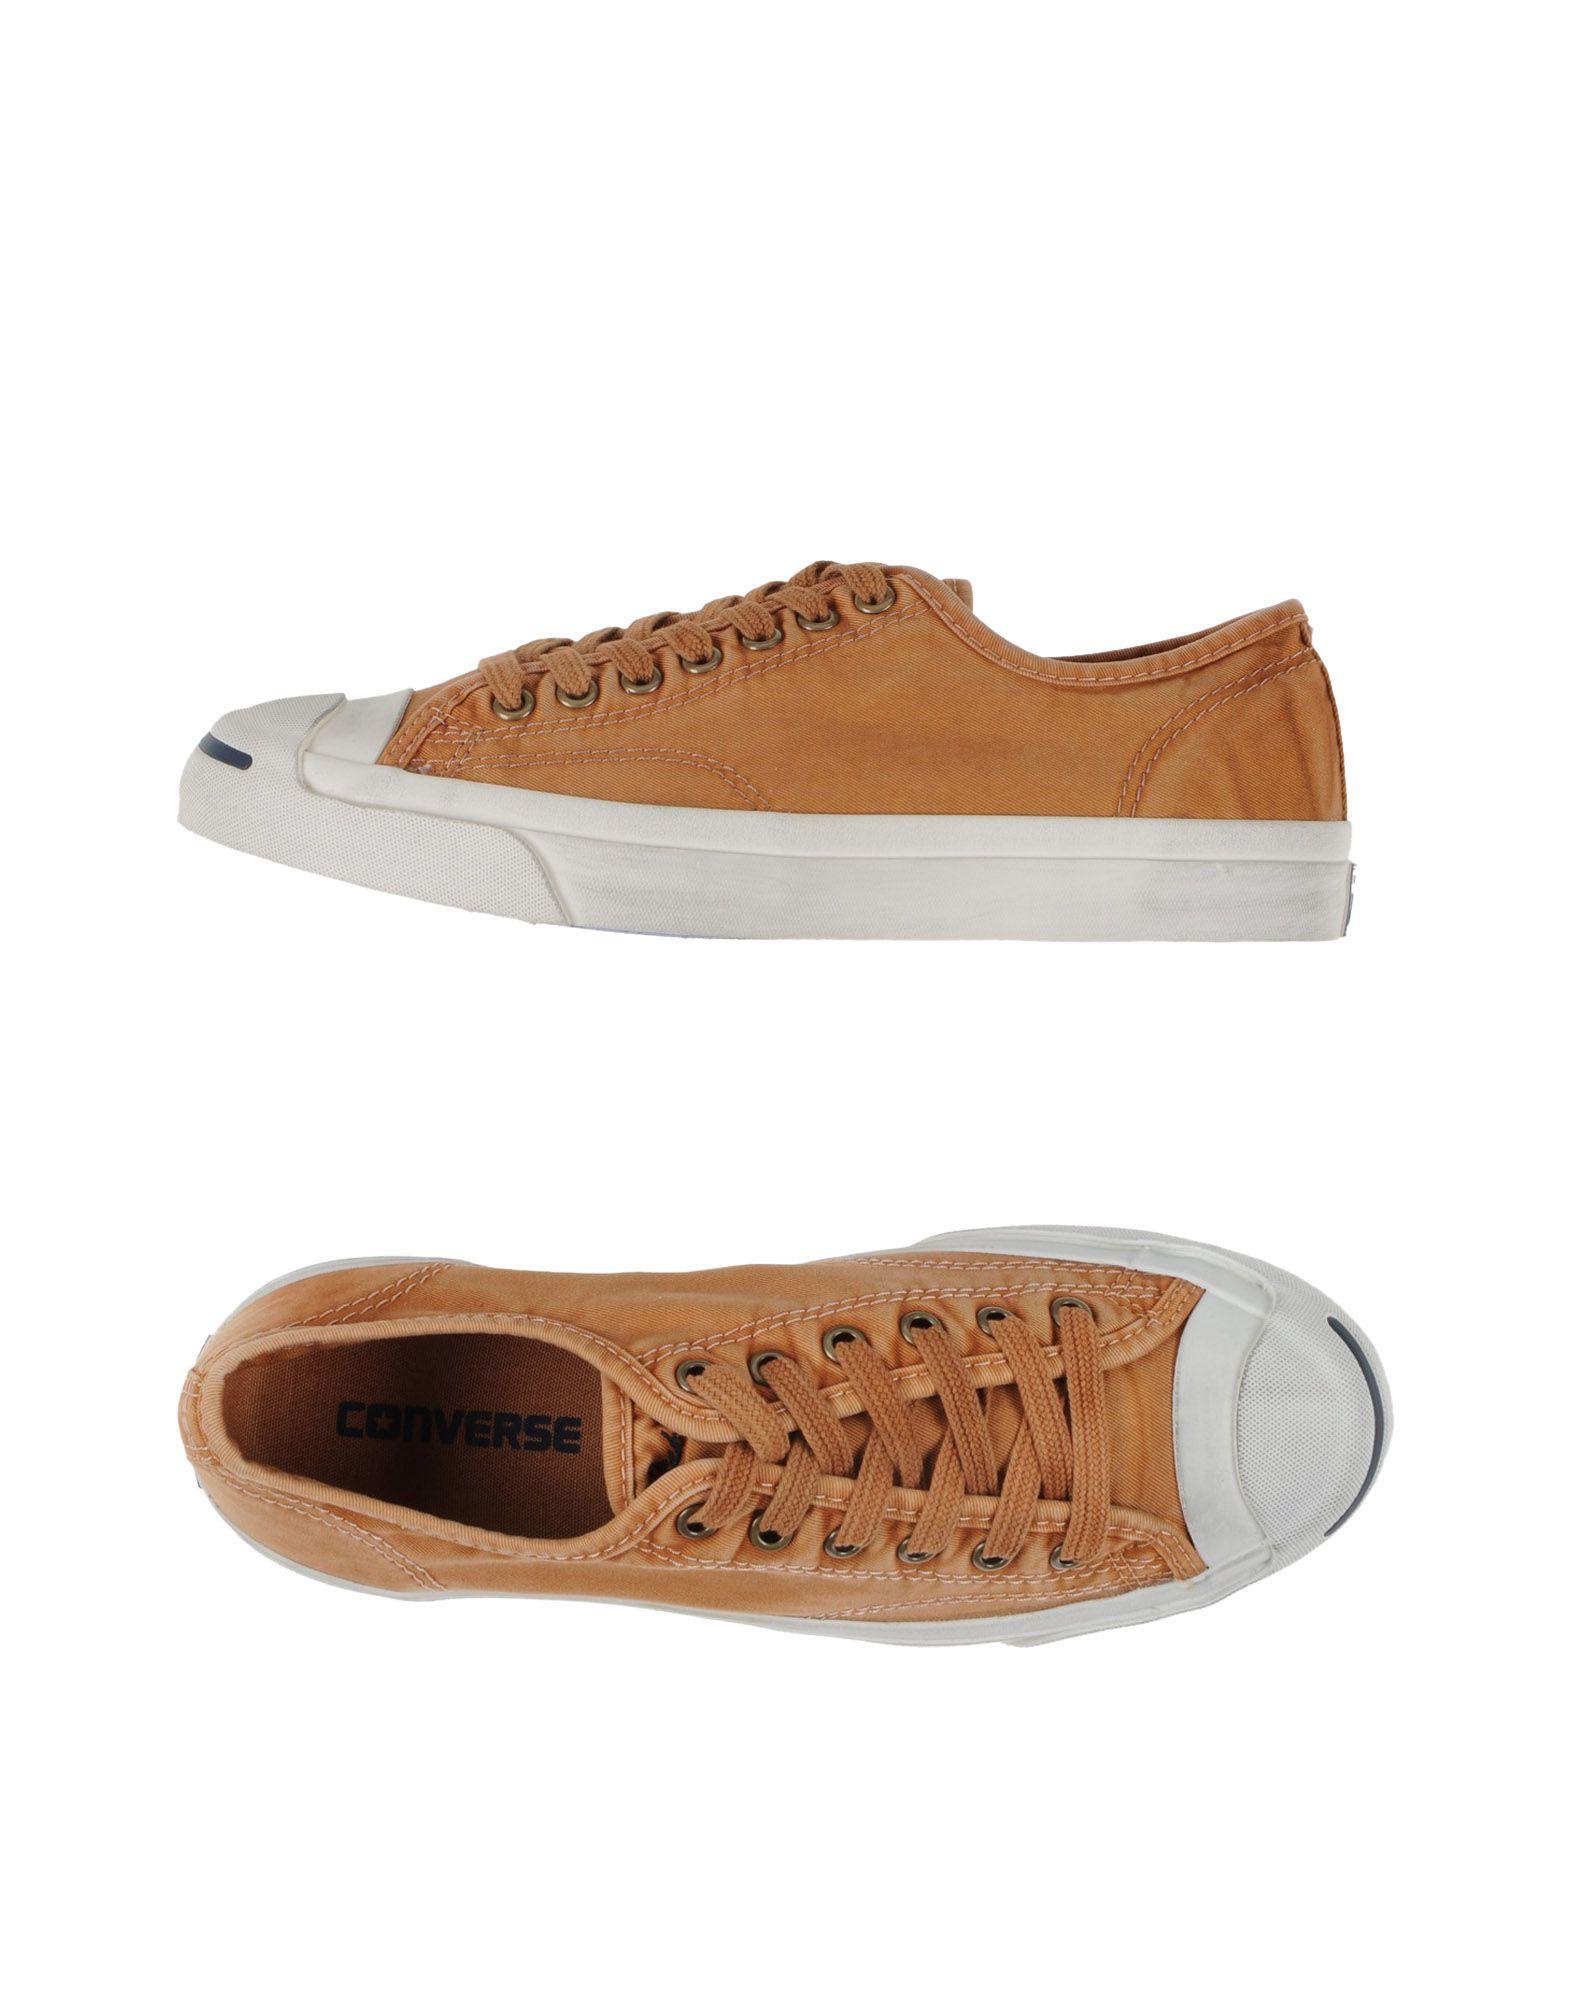 Converse Sneakers Damen  44933383IF Schuhe Gute Qualität beliebte Schuhe 44933383IF cbf5bc